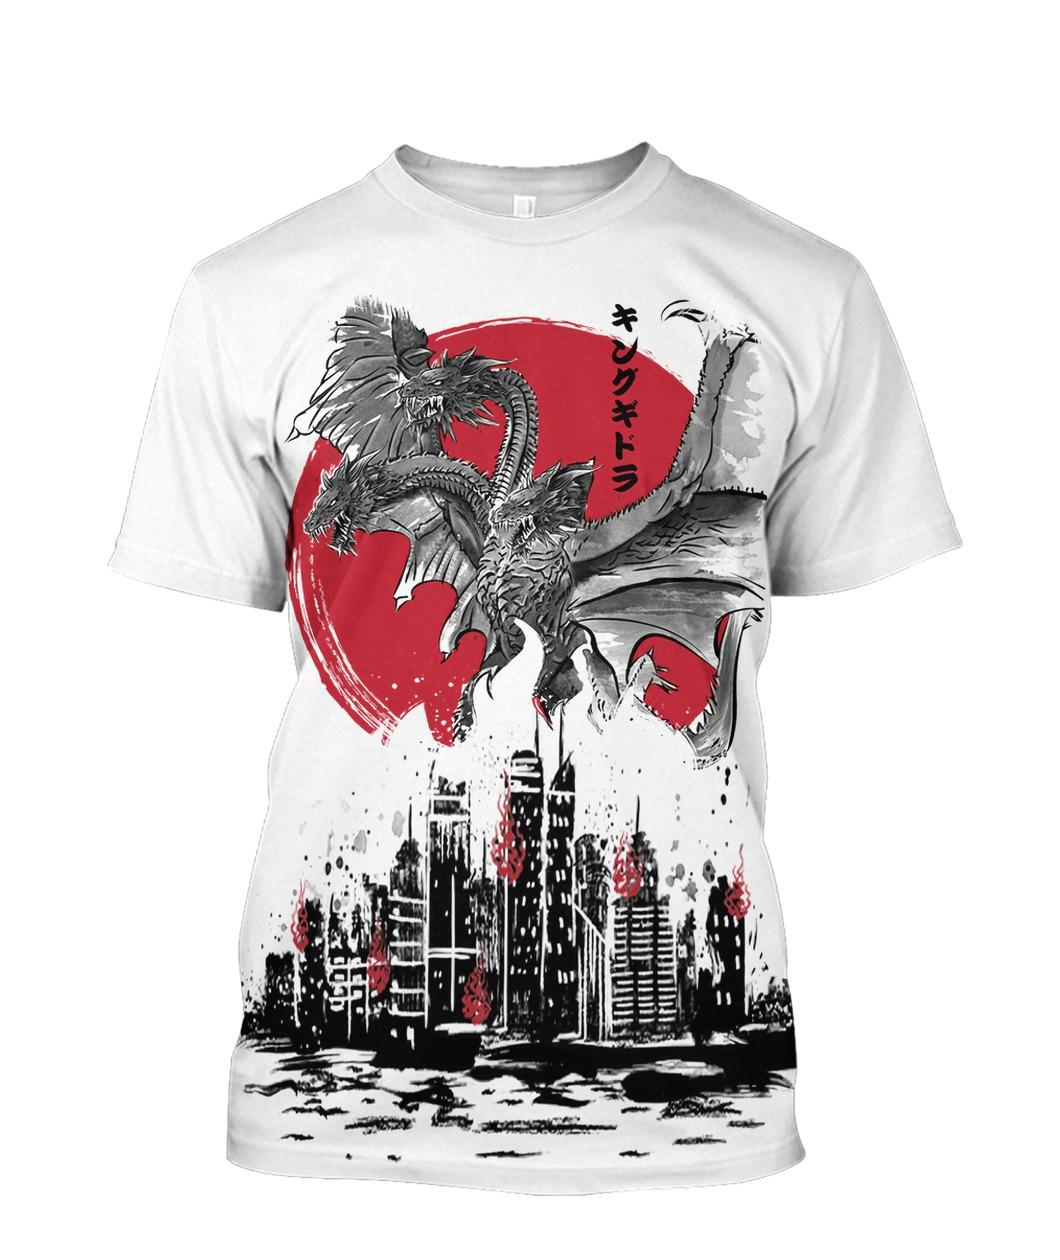 (3D) Godzilla 3